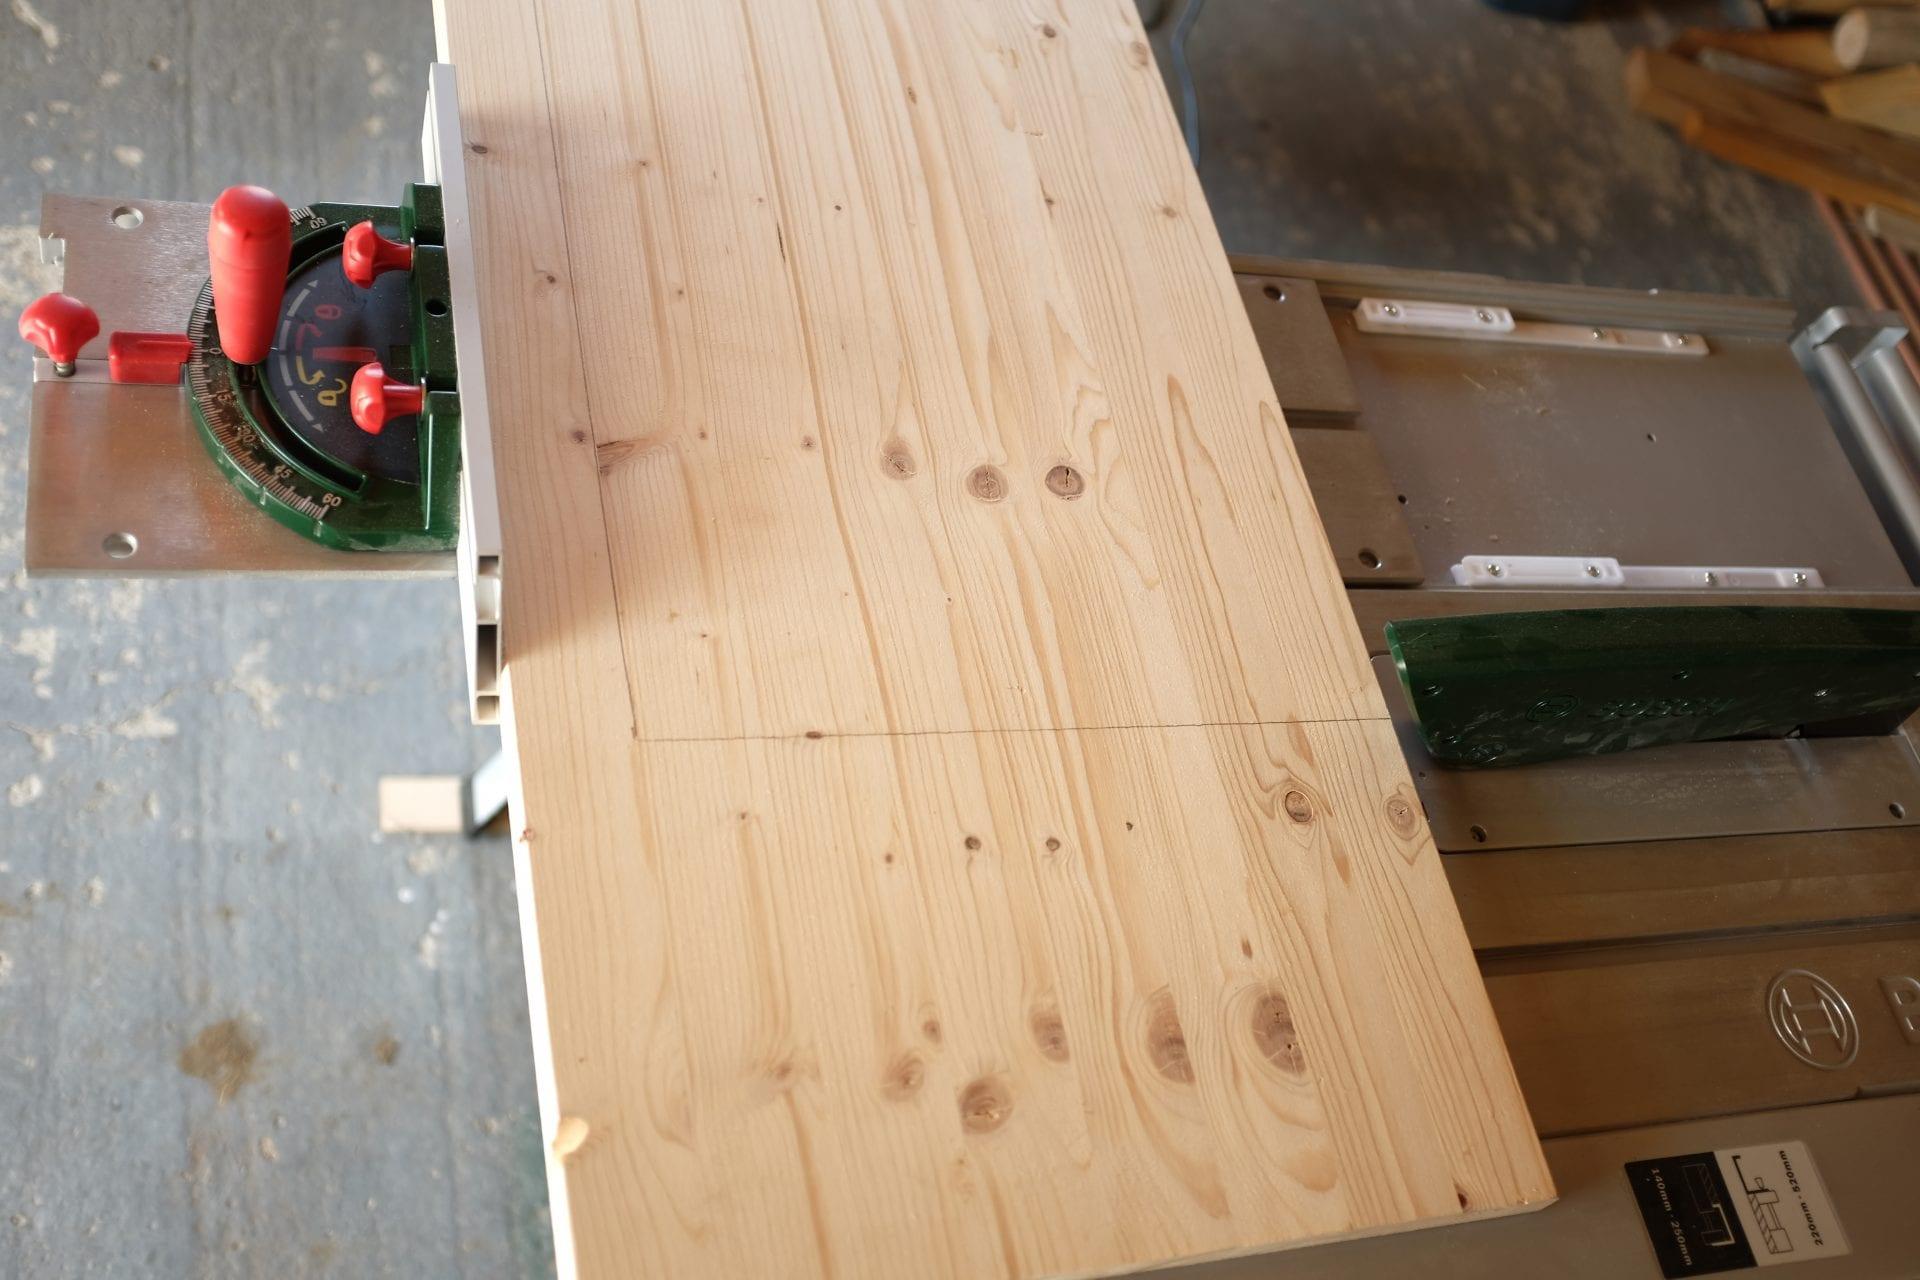 praca-s-drevom-bruska-hladky-povrch-dreva